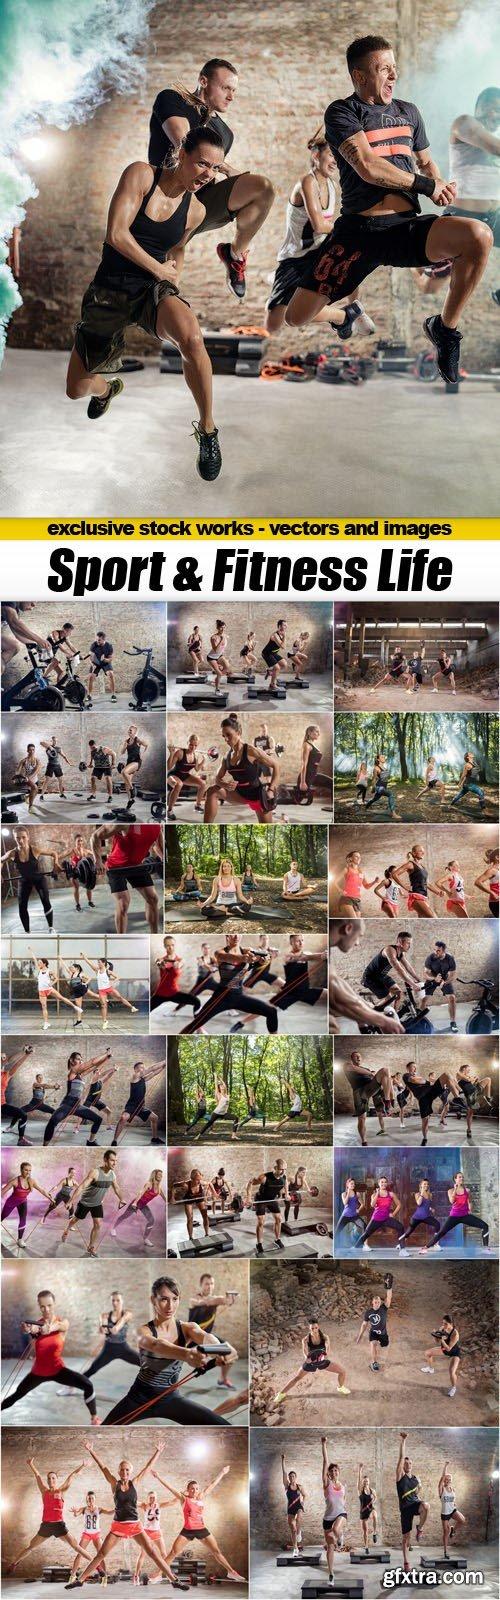 Sport & Fitness Life - 23xUHQ JPEG